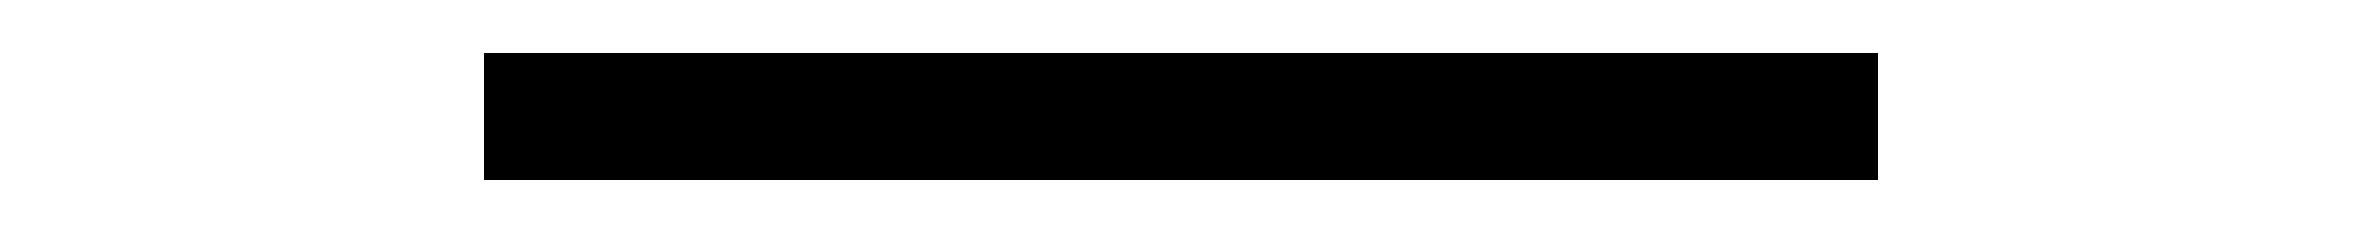 logo_svb_8